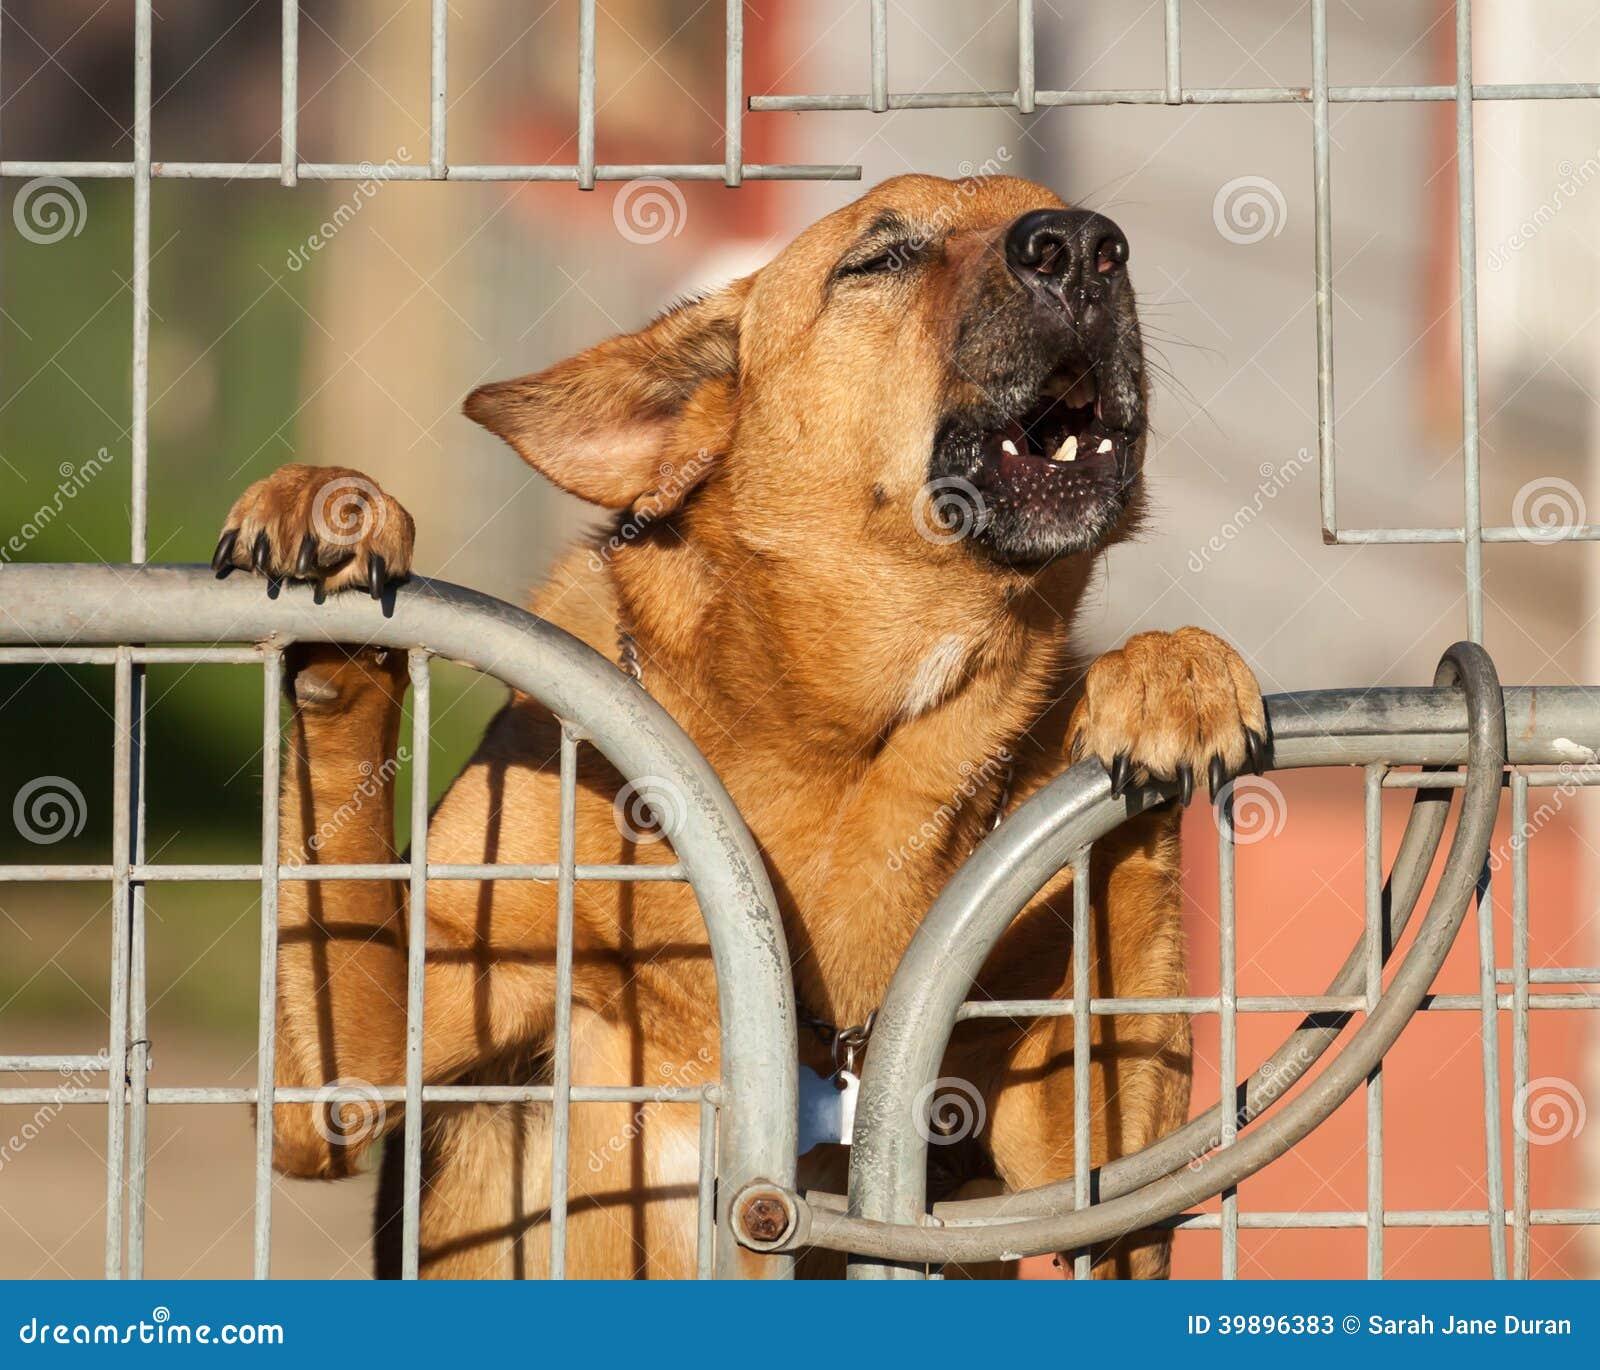 Guardia Dog Barking una advertencia detrás de una cerca de alambre